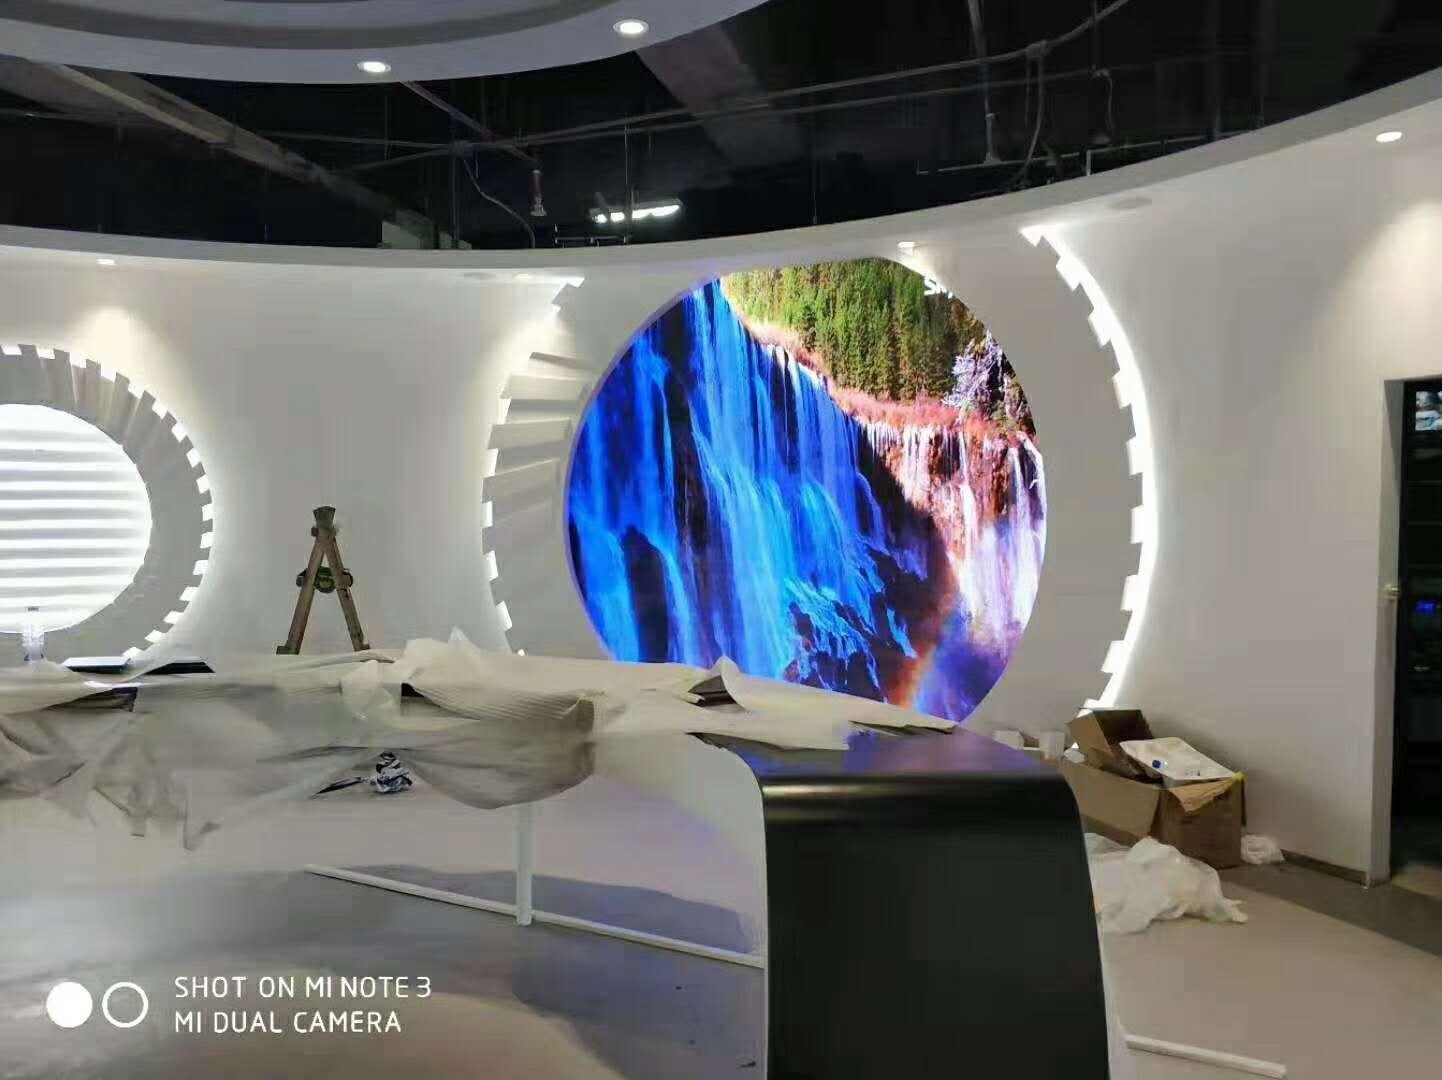 高清全彩室内小间距LED显示屏幕应用及未来商业模式